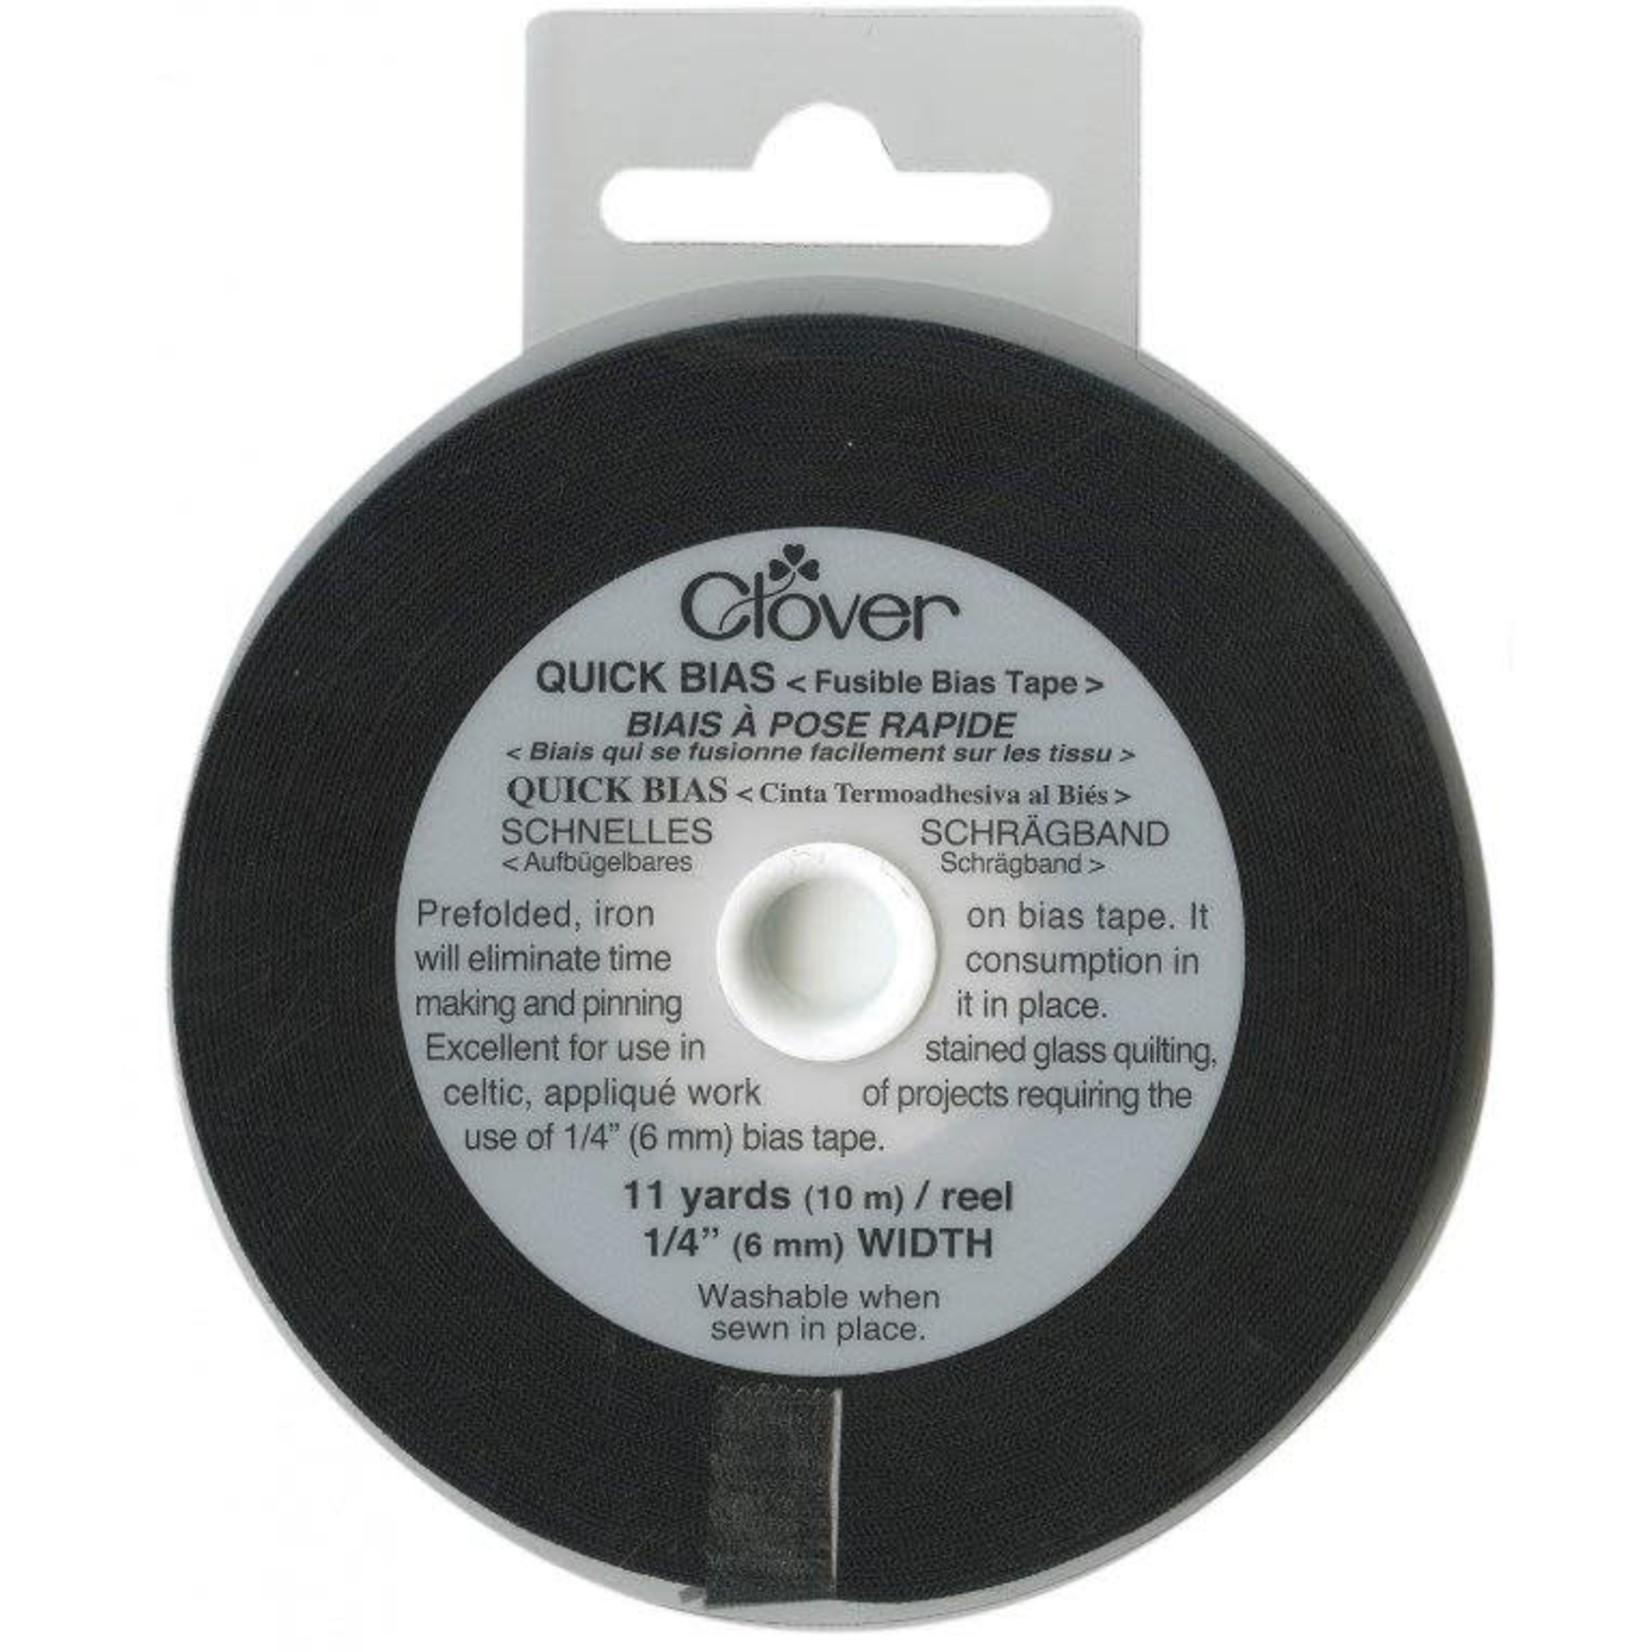 Clover Biaisband - Quick Biais -Plakbaar - 6 mm x 10 m - Zwart